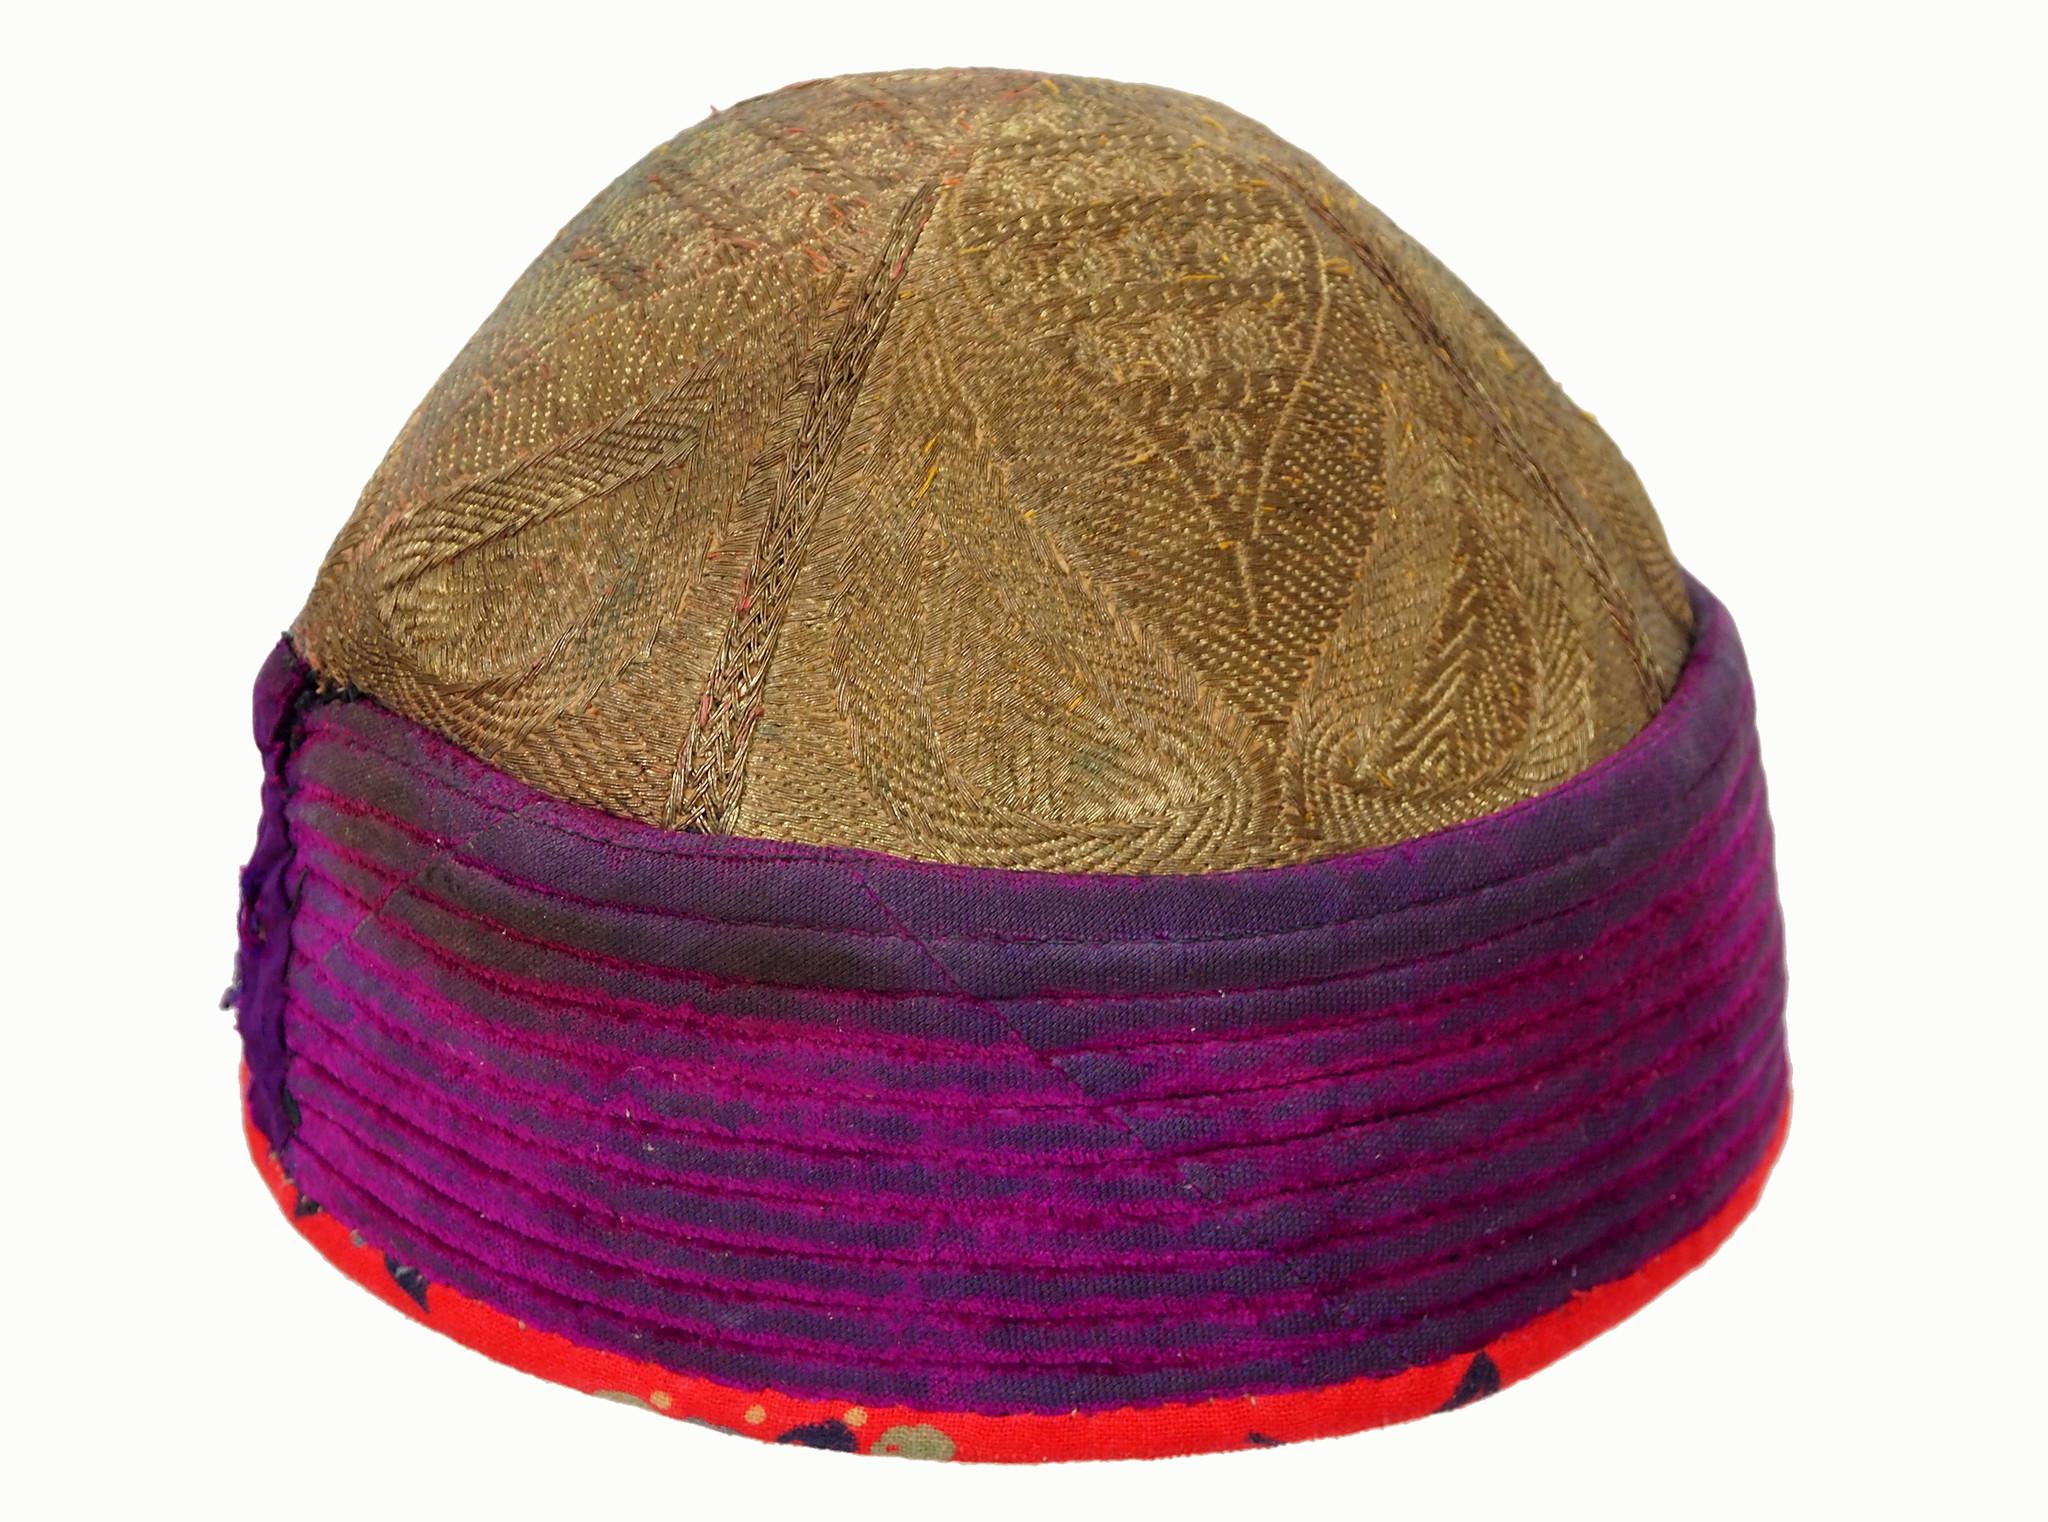 antik und sehr seltener Afghan nomaden Khyber Pass Stammes- Samthut mit Metallic-Stickerei Hochzeit Samt Hut Mütze  aus Afghanistan  Zari